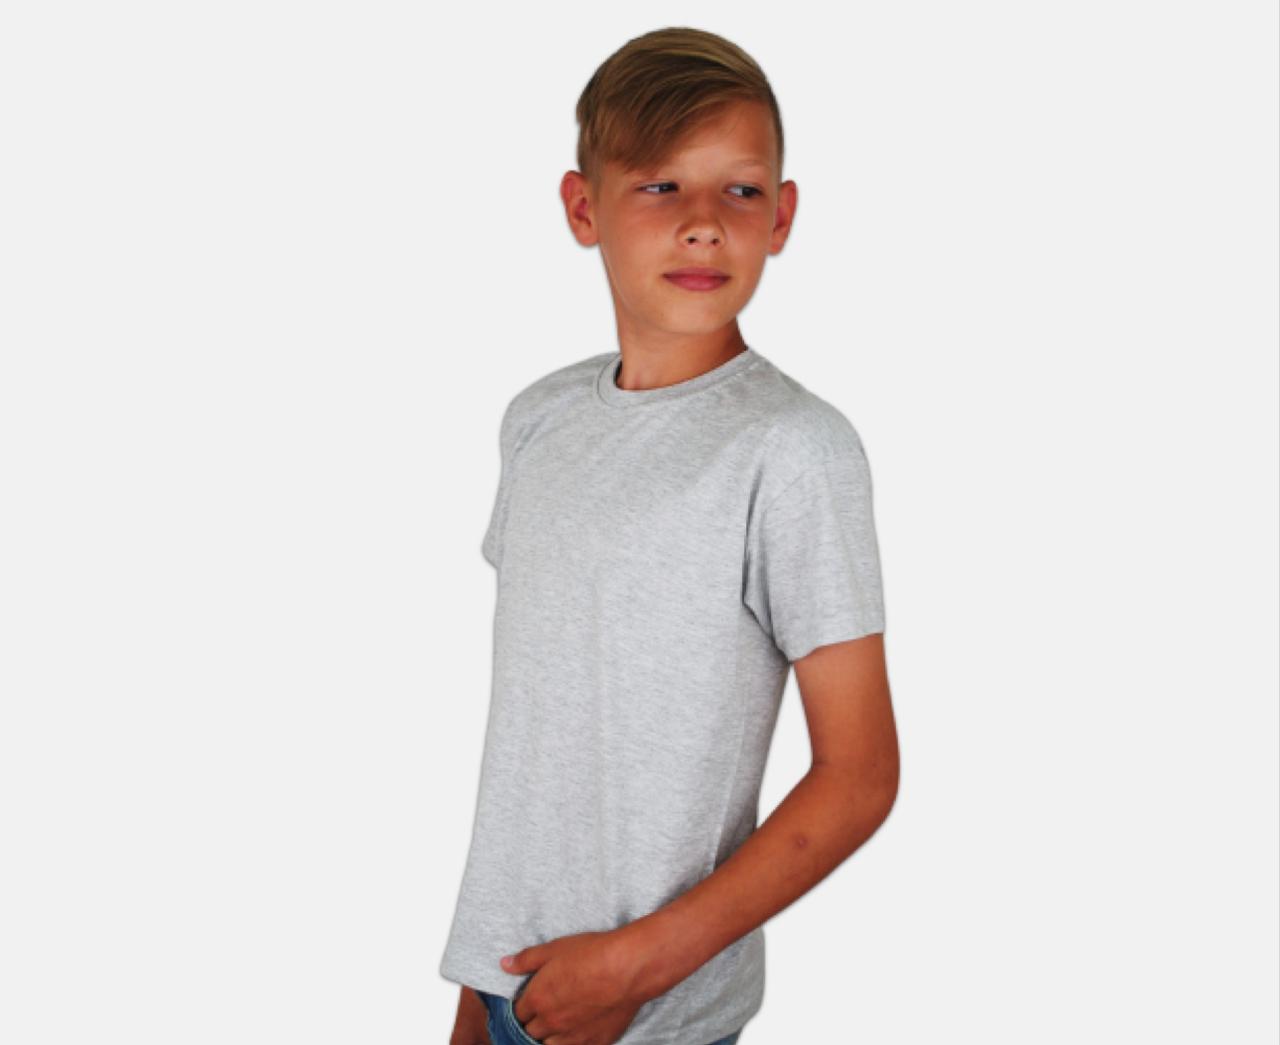 Детская Классическая Футболка для Мальчиков Серо-лиловая Fruit of the loom 61-033-94 3-4